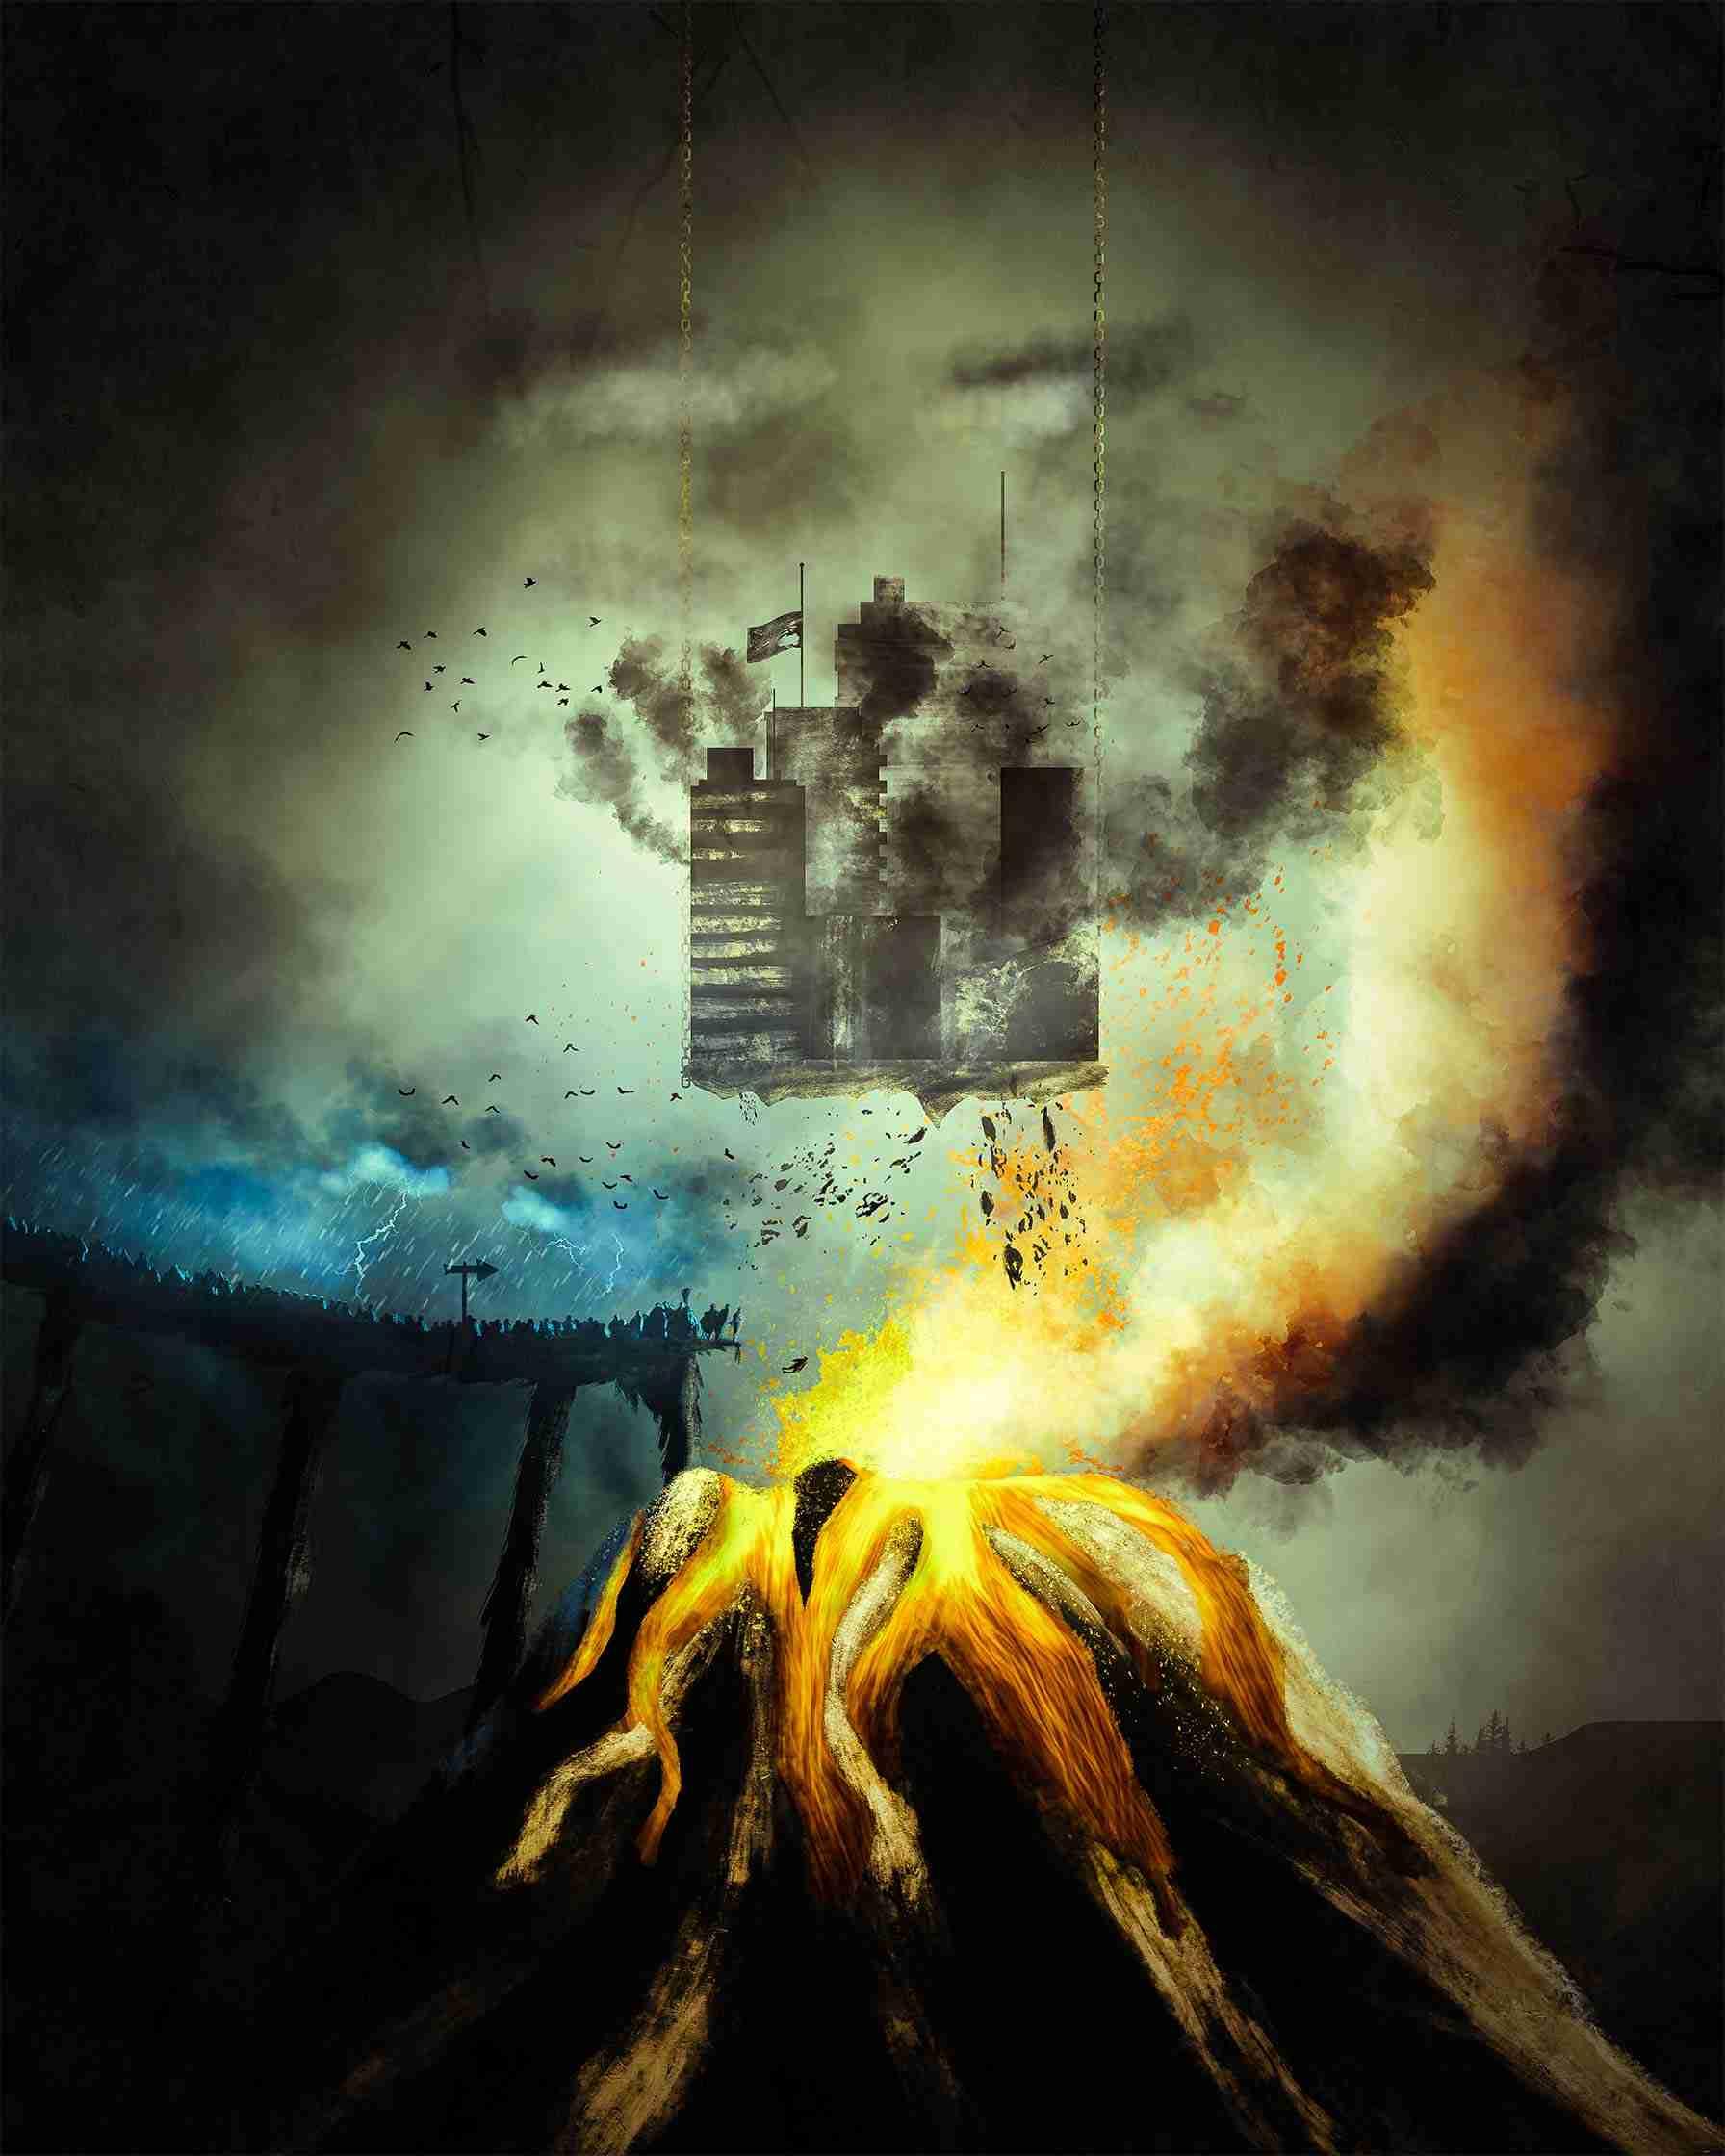 Obra: Apocalypse